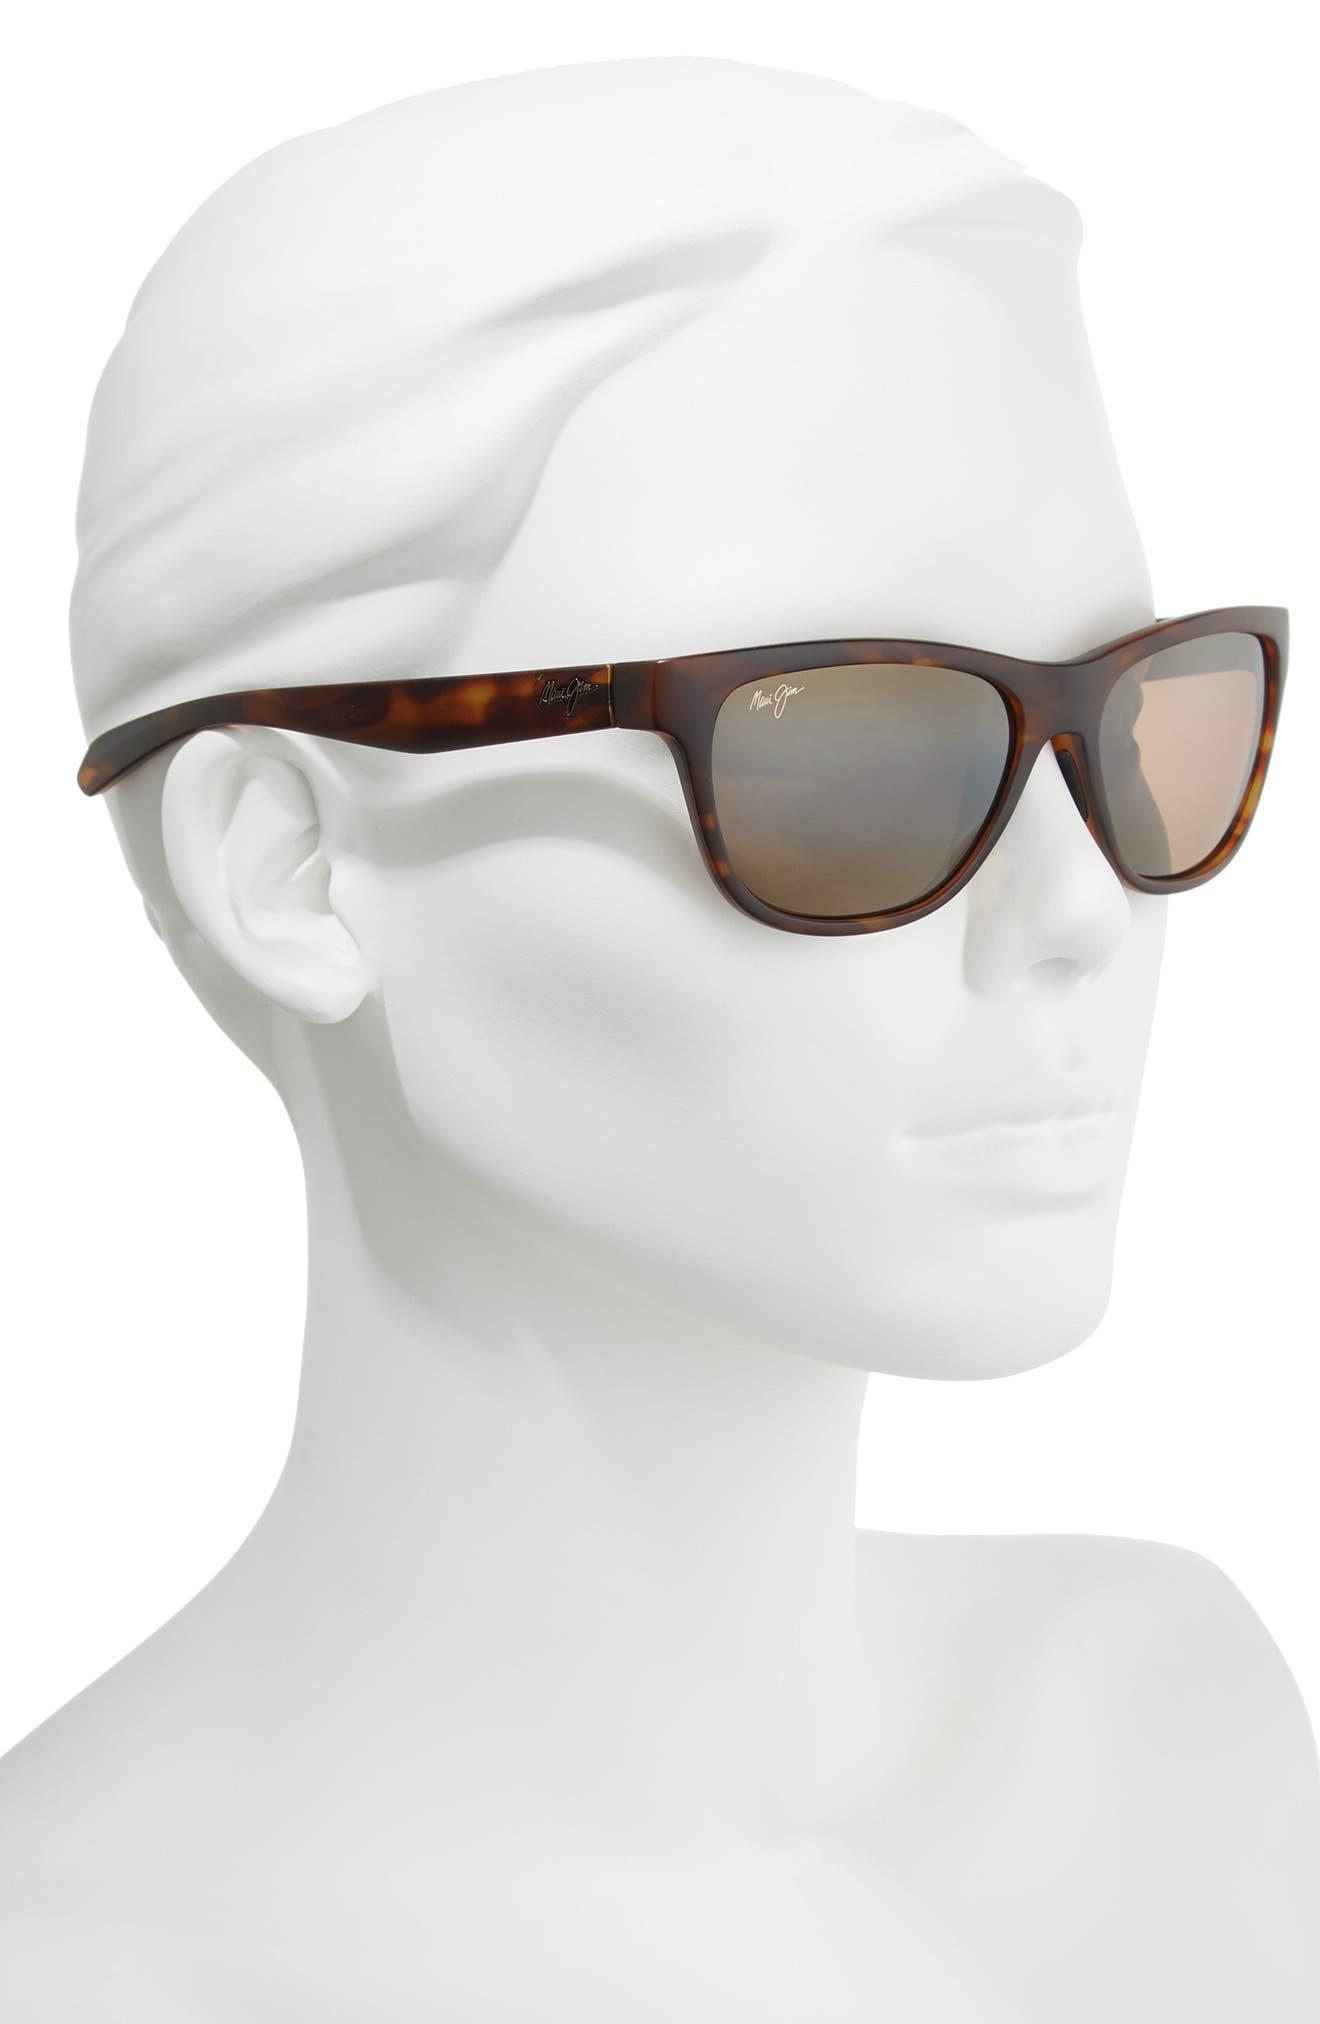 Secrets 56mm PolarizedPlus2<sup>®</sup> Sunglasses,                             Alternate thumbnail 2, color,                             MATTE TORTOISE/ BRONZE